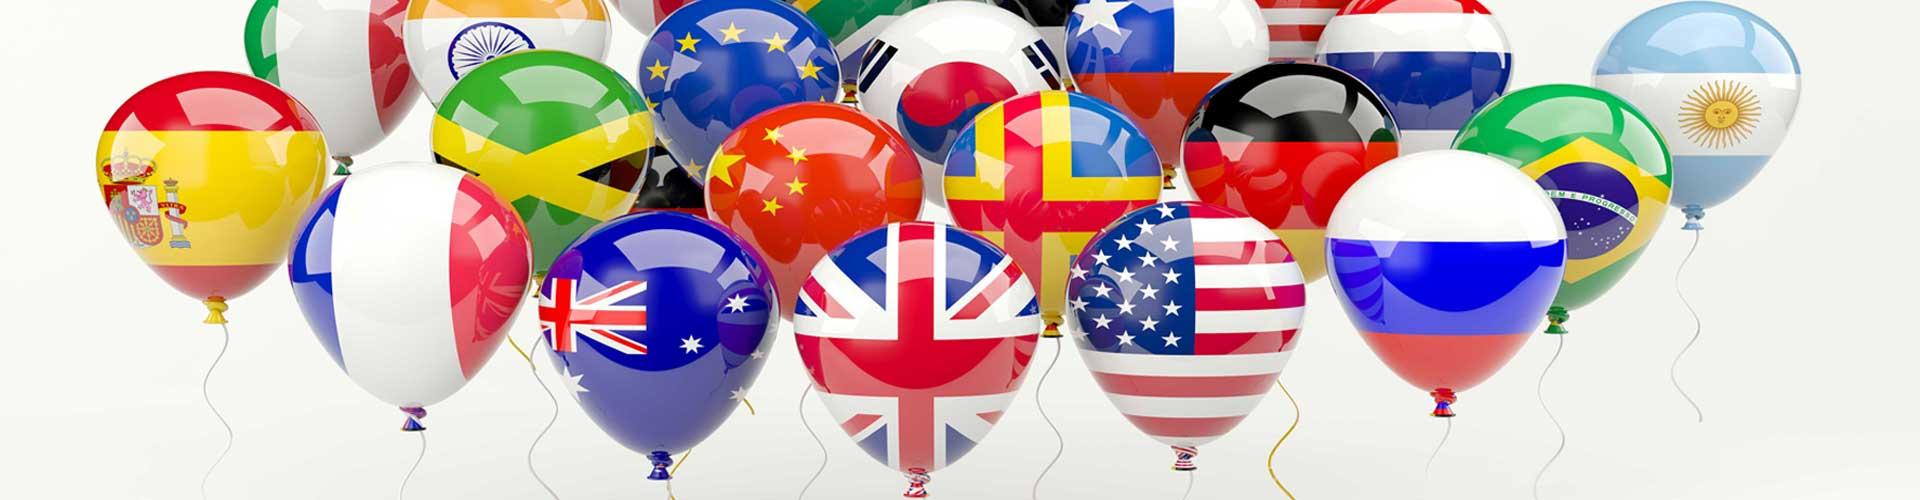 balony vlajky